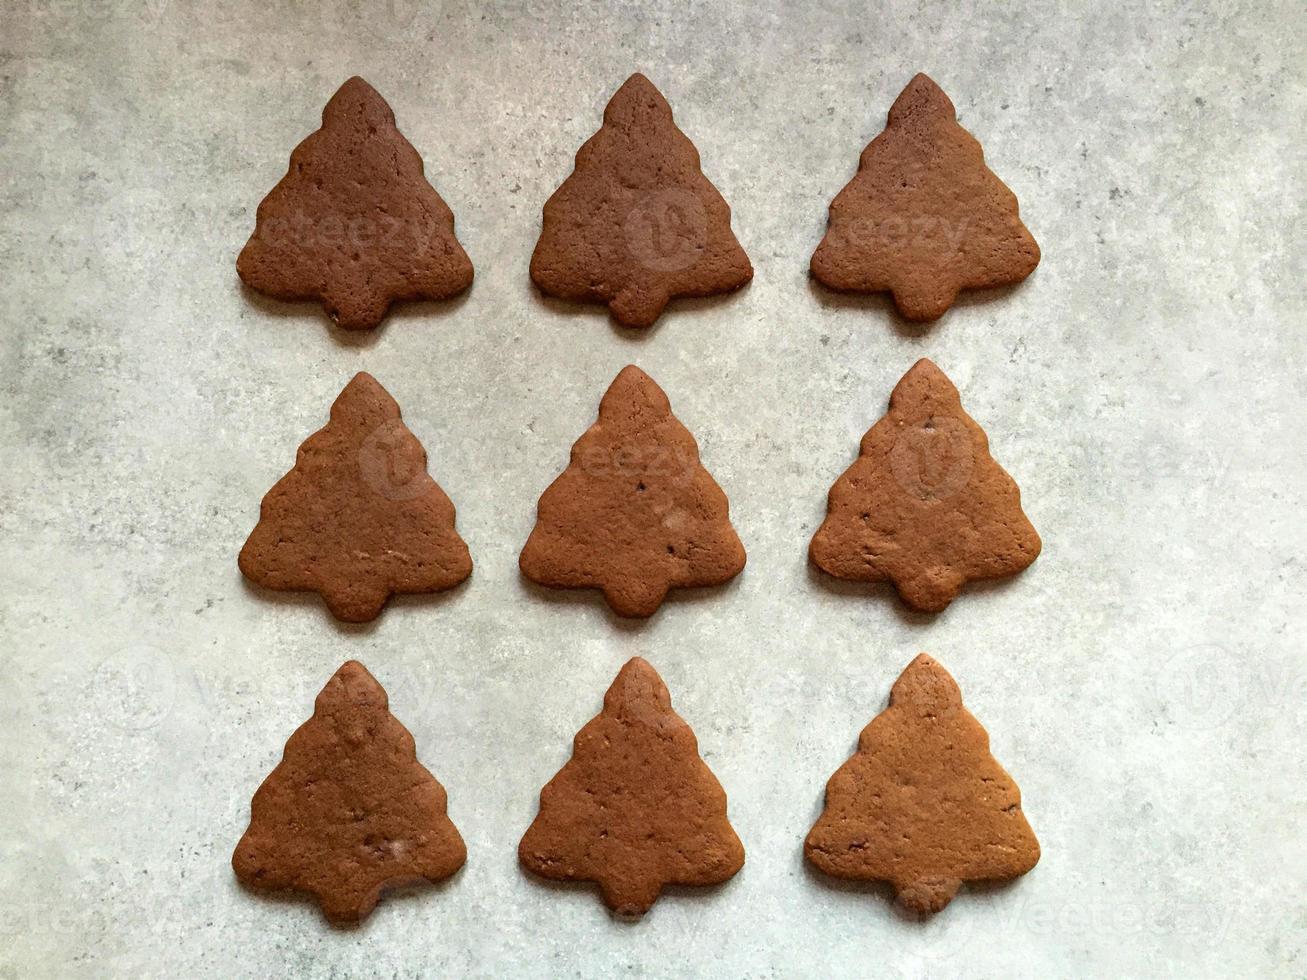 peperkoek kerstkoekjes in de vorm van bomen op aanrechtblad foto